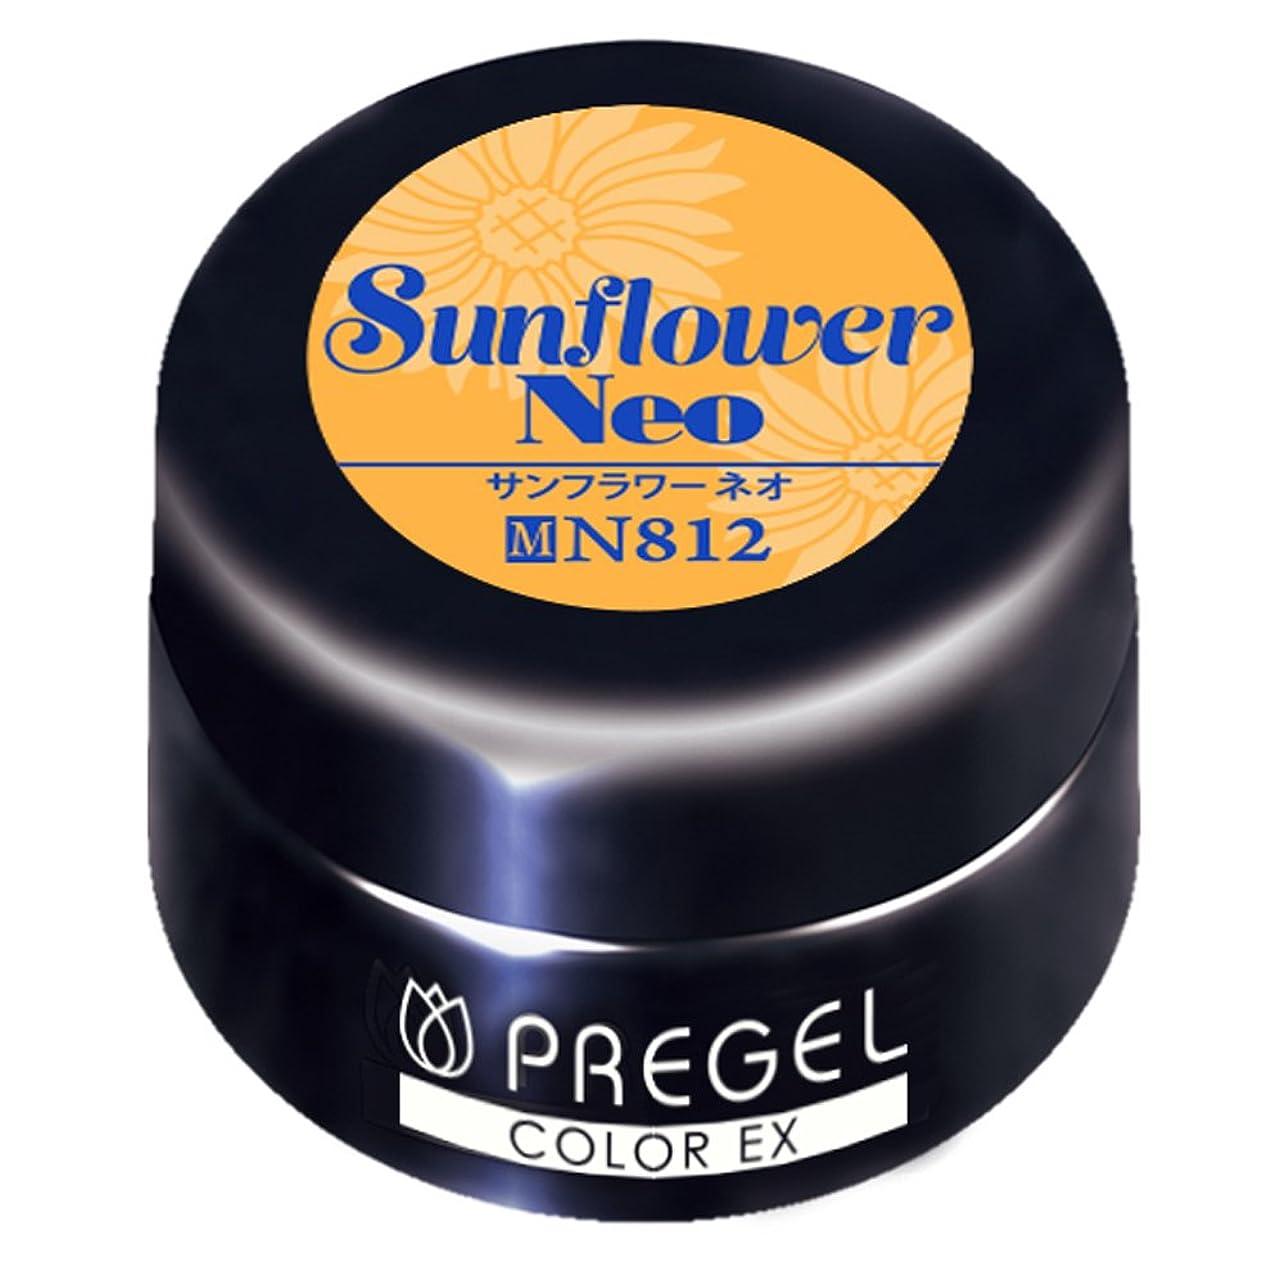 オリエント魔女完璧PRE GEL カラーEX サンフラワーneo812 3g UV/LED対応